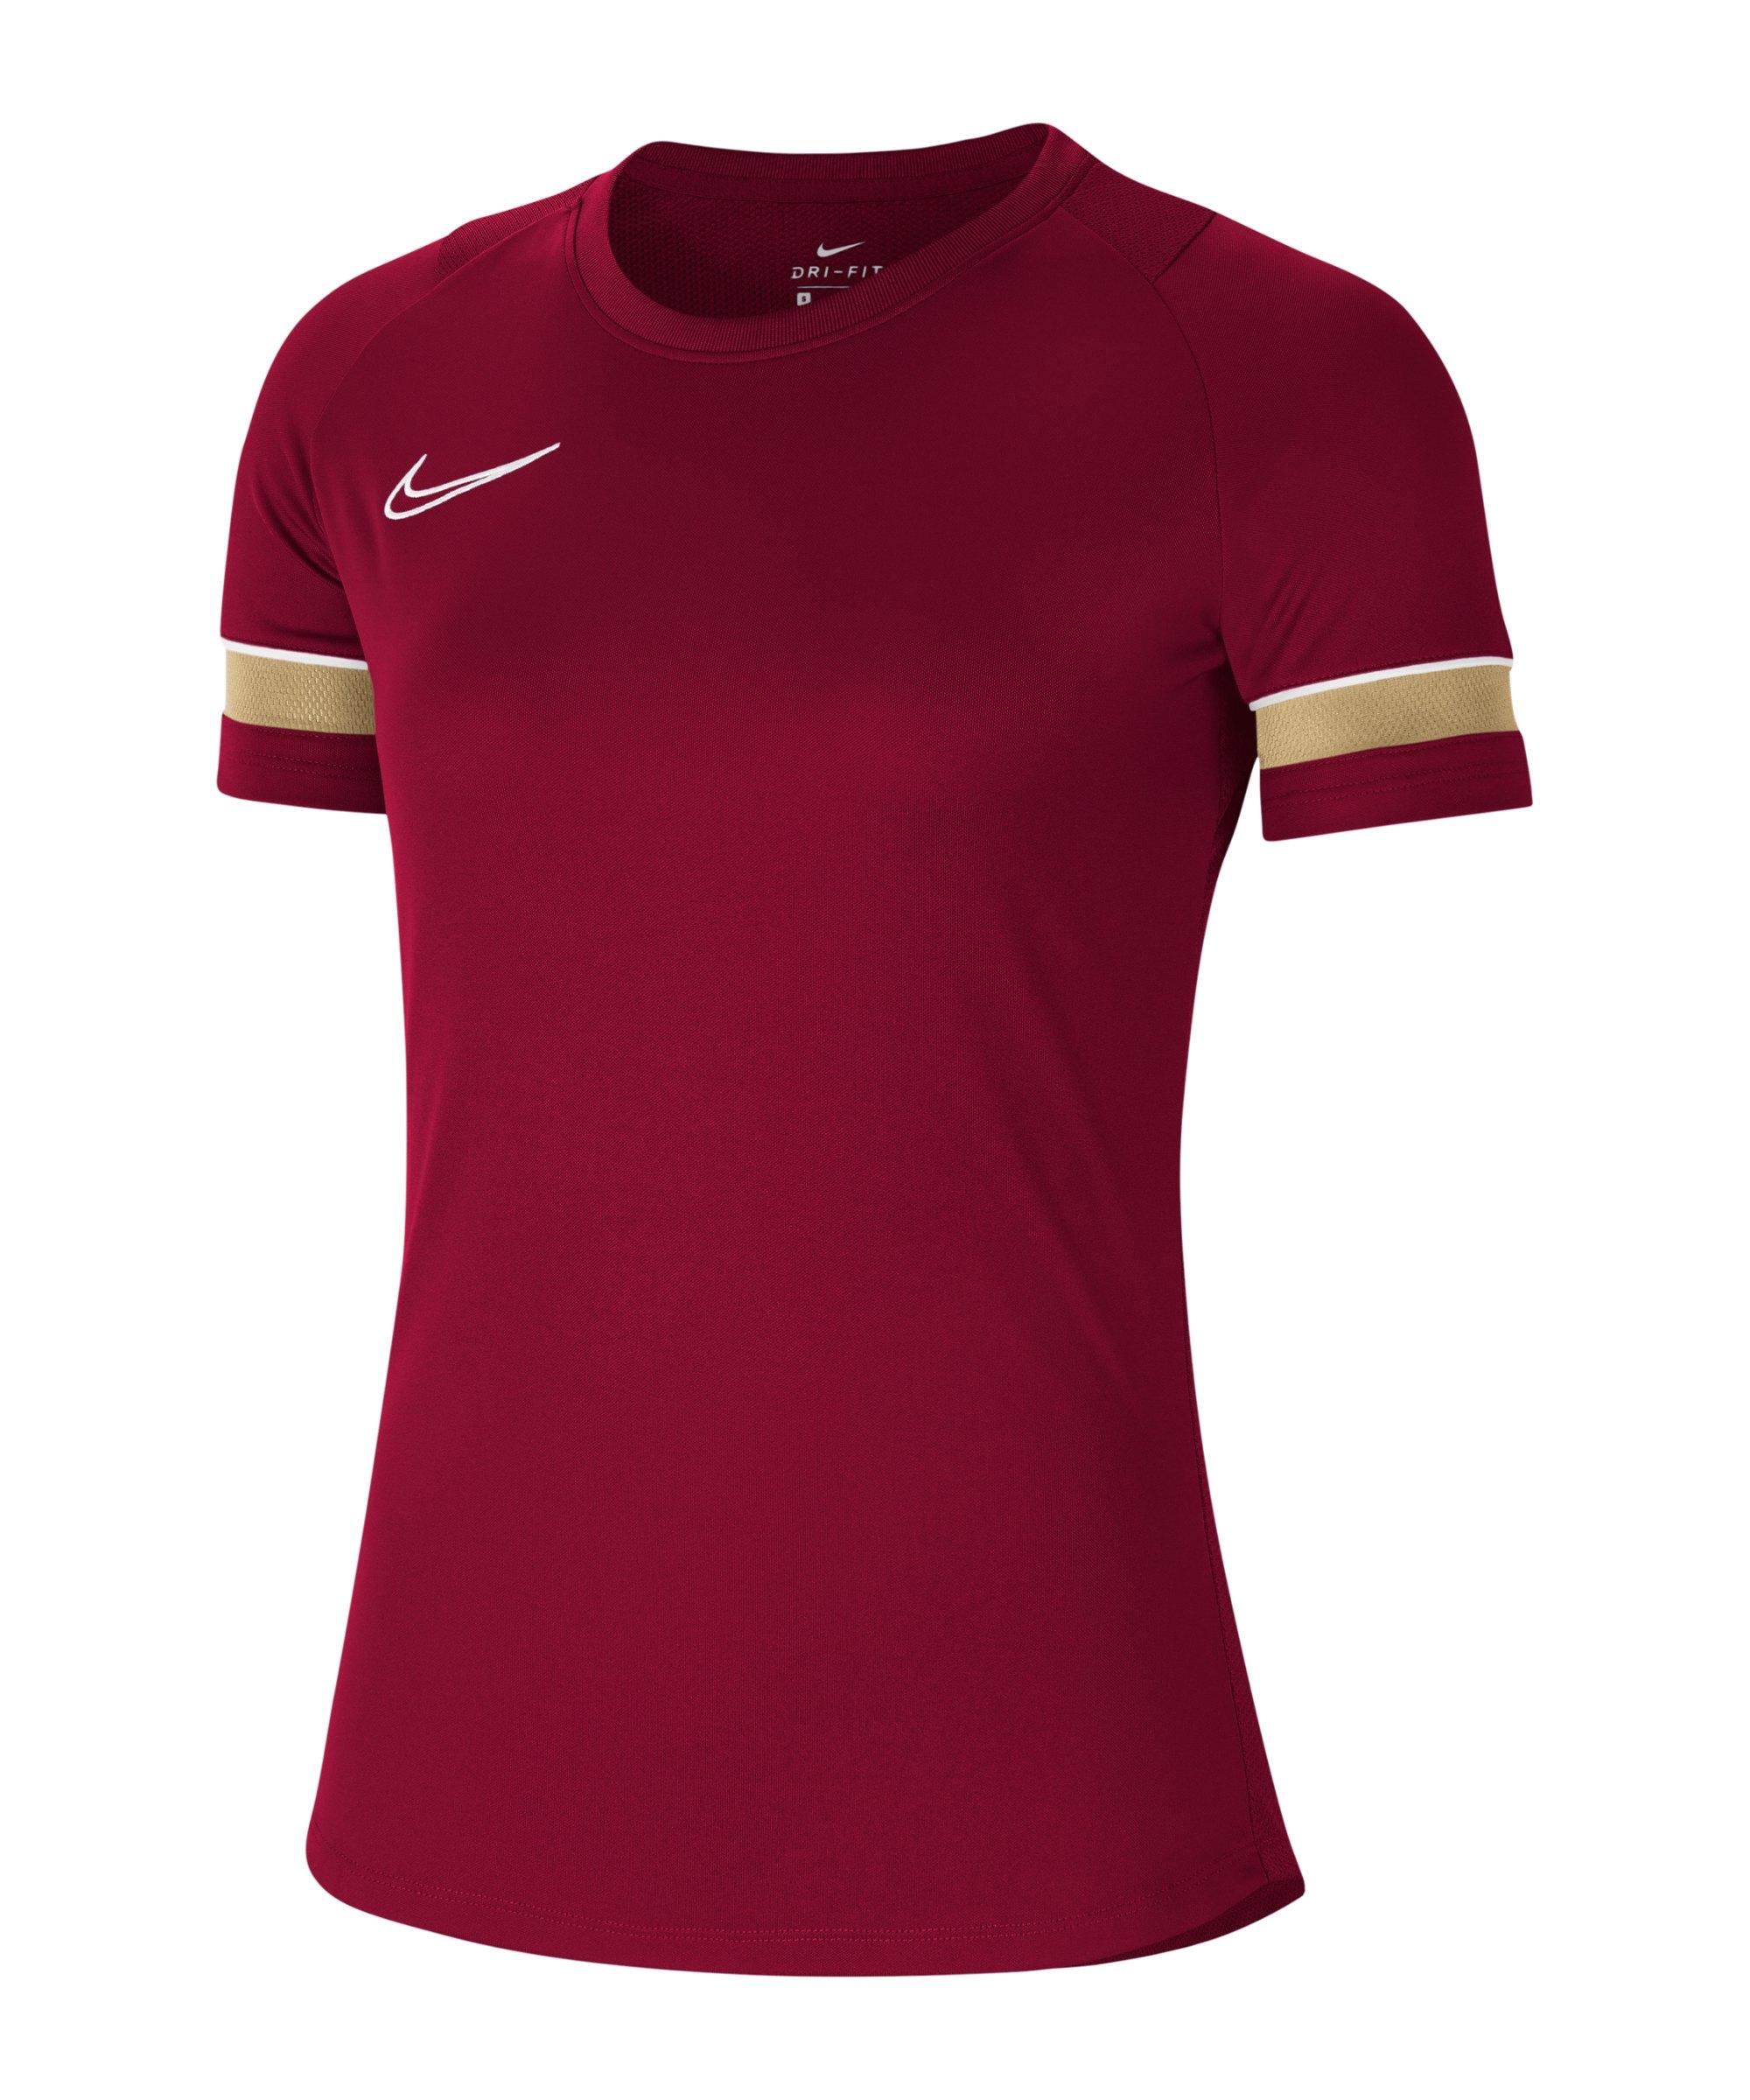 Nike Academy 21 T-Shirt Damen Rot Weiss F677 - rot